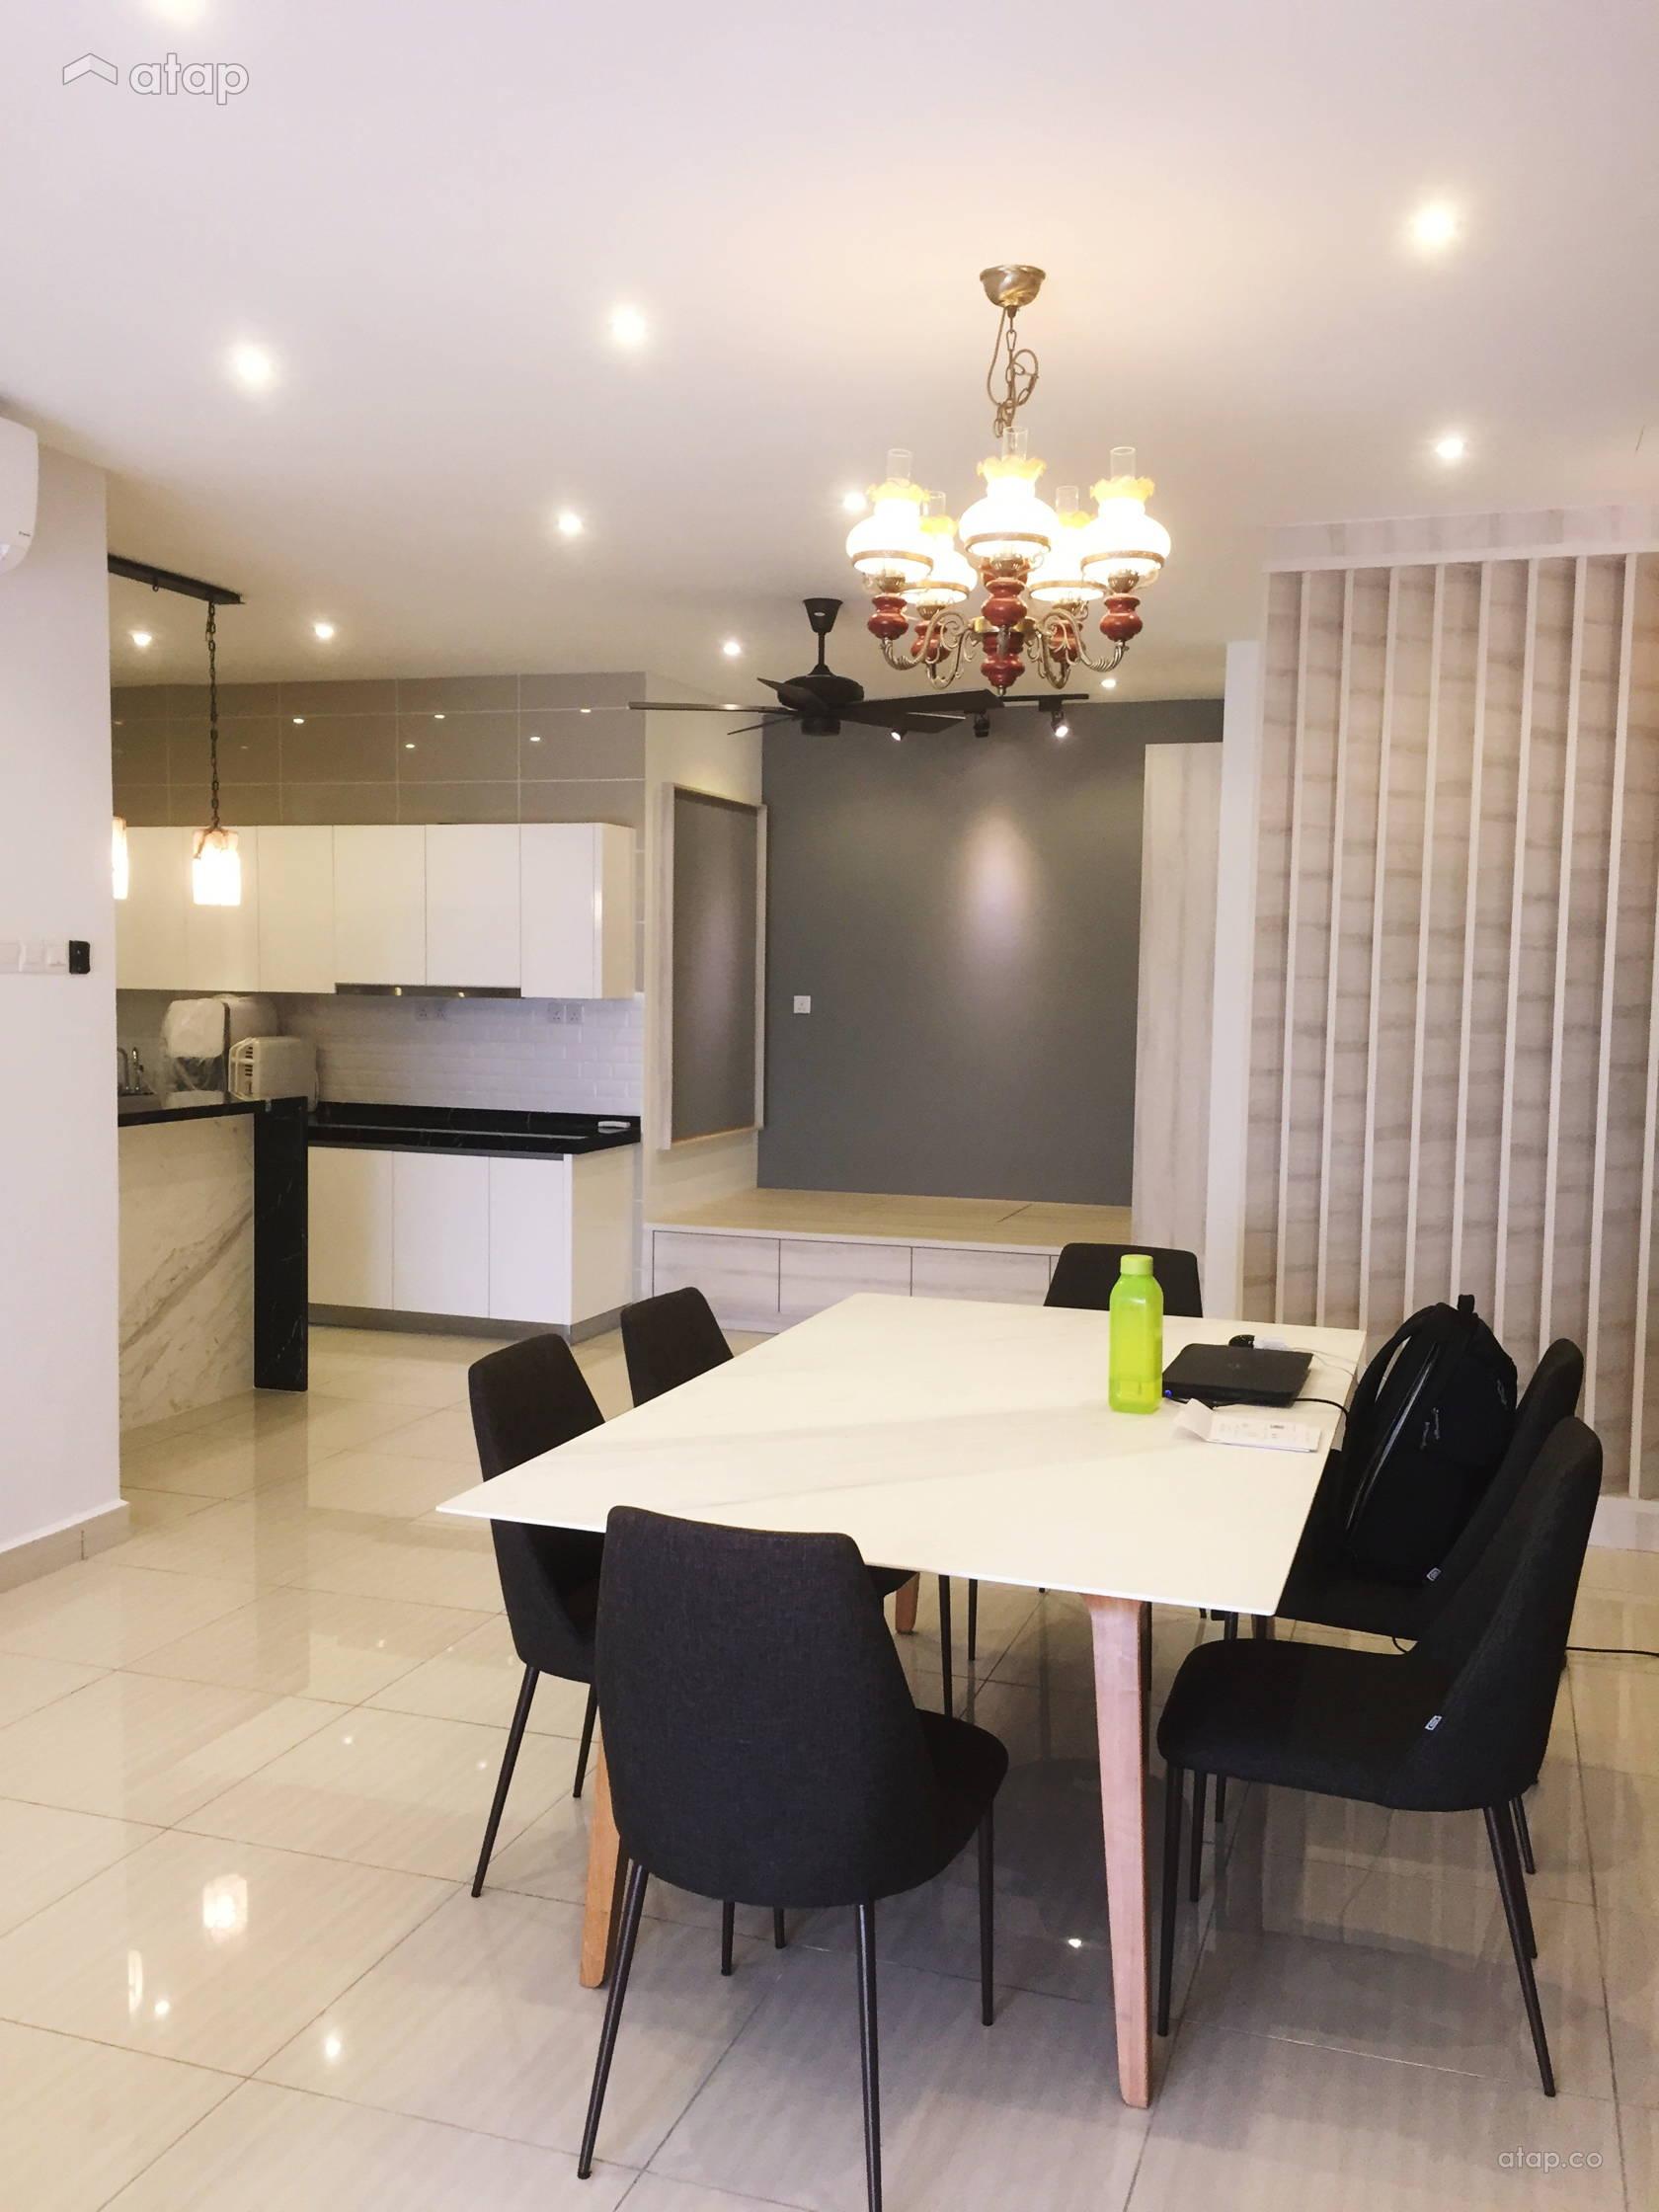 Condominium Study Room: Asian Minimalistic Kitchen Study Room Condominium Design